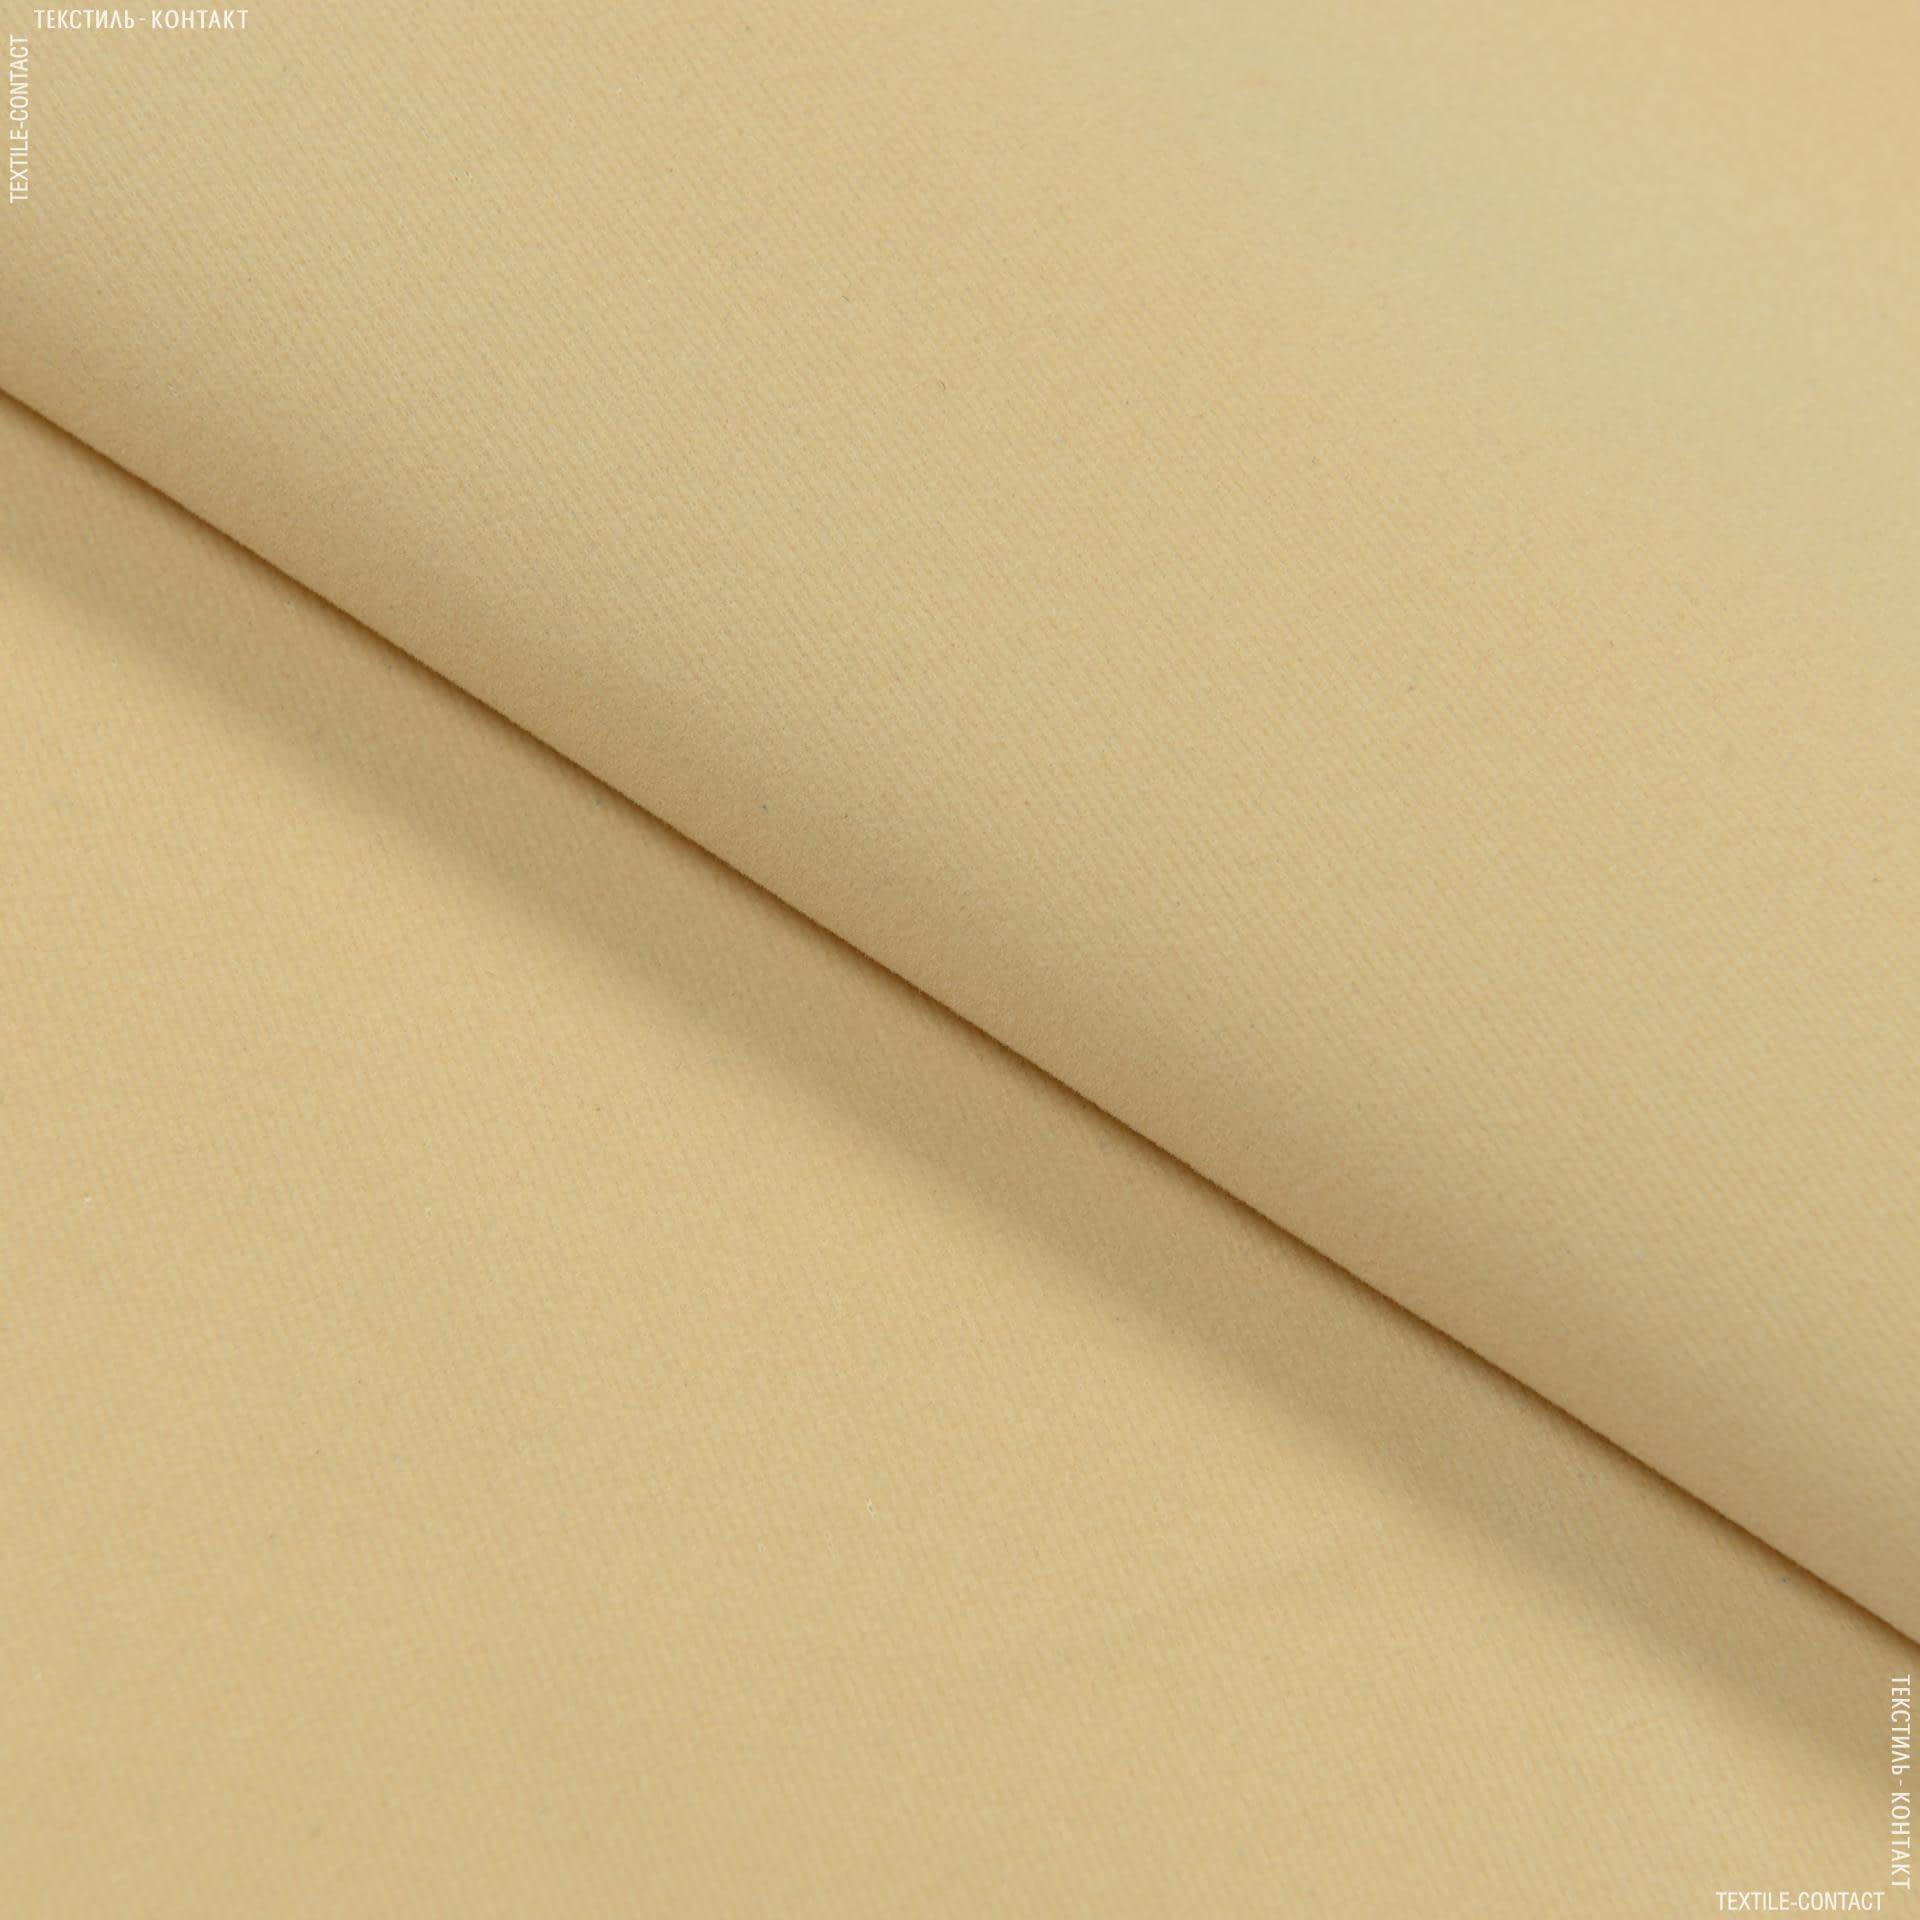 Ткани церковная ткань - Замша искусственная лайт